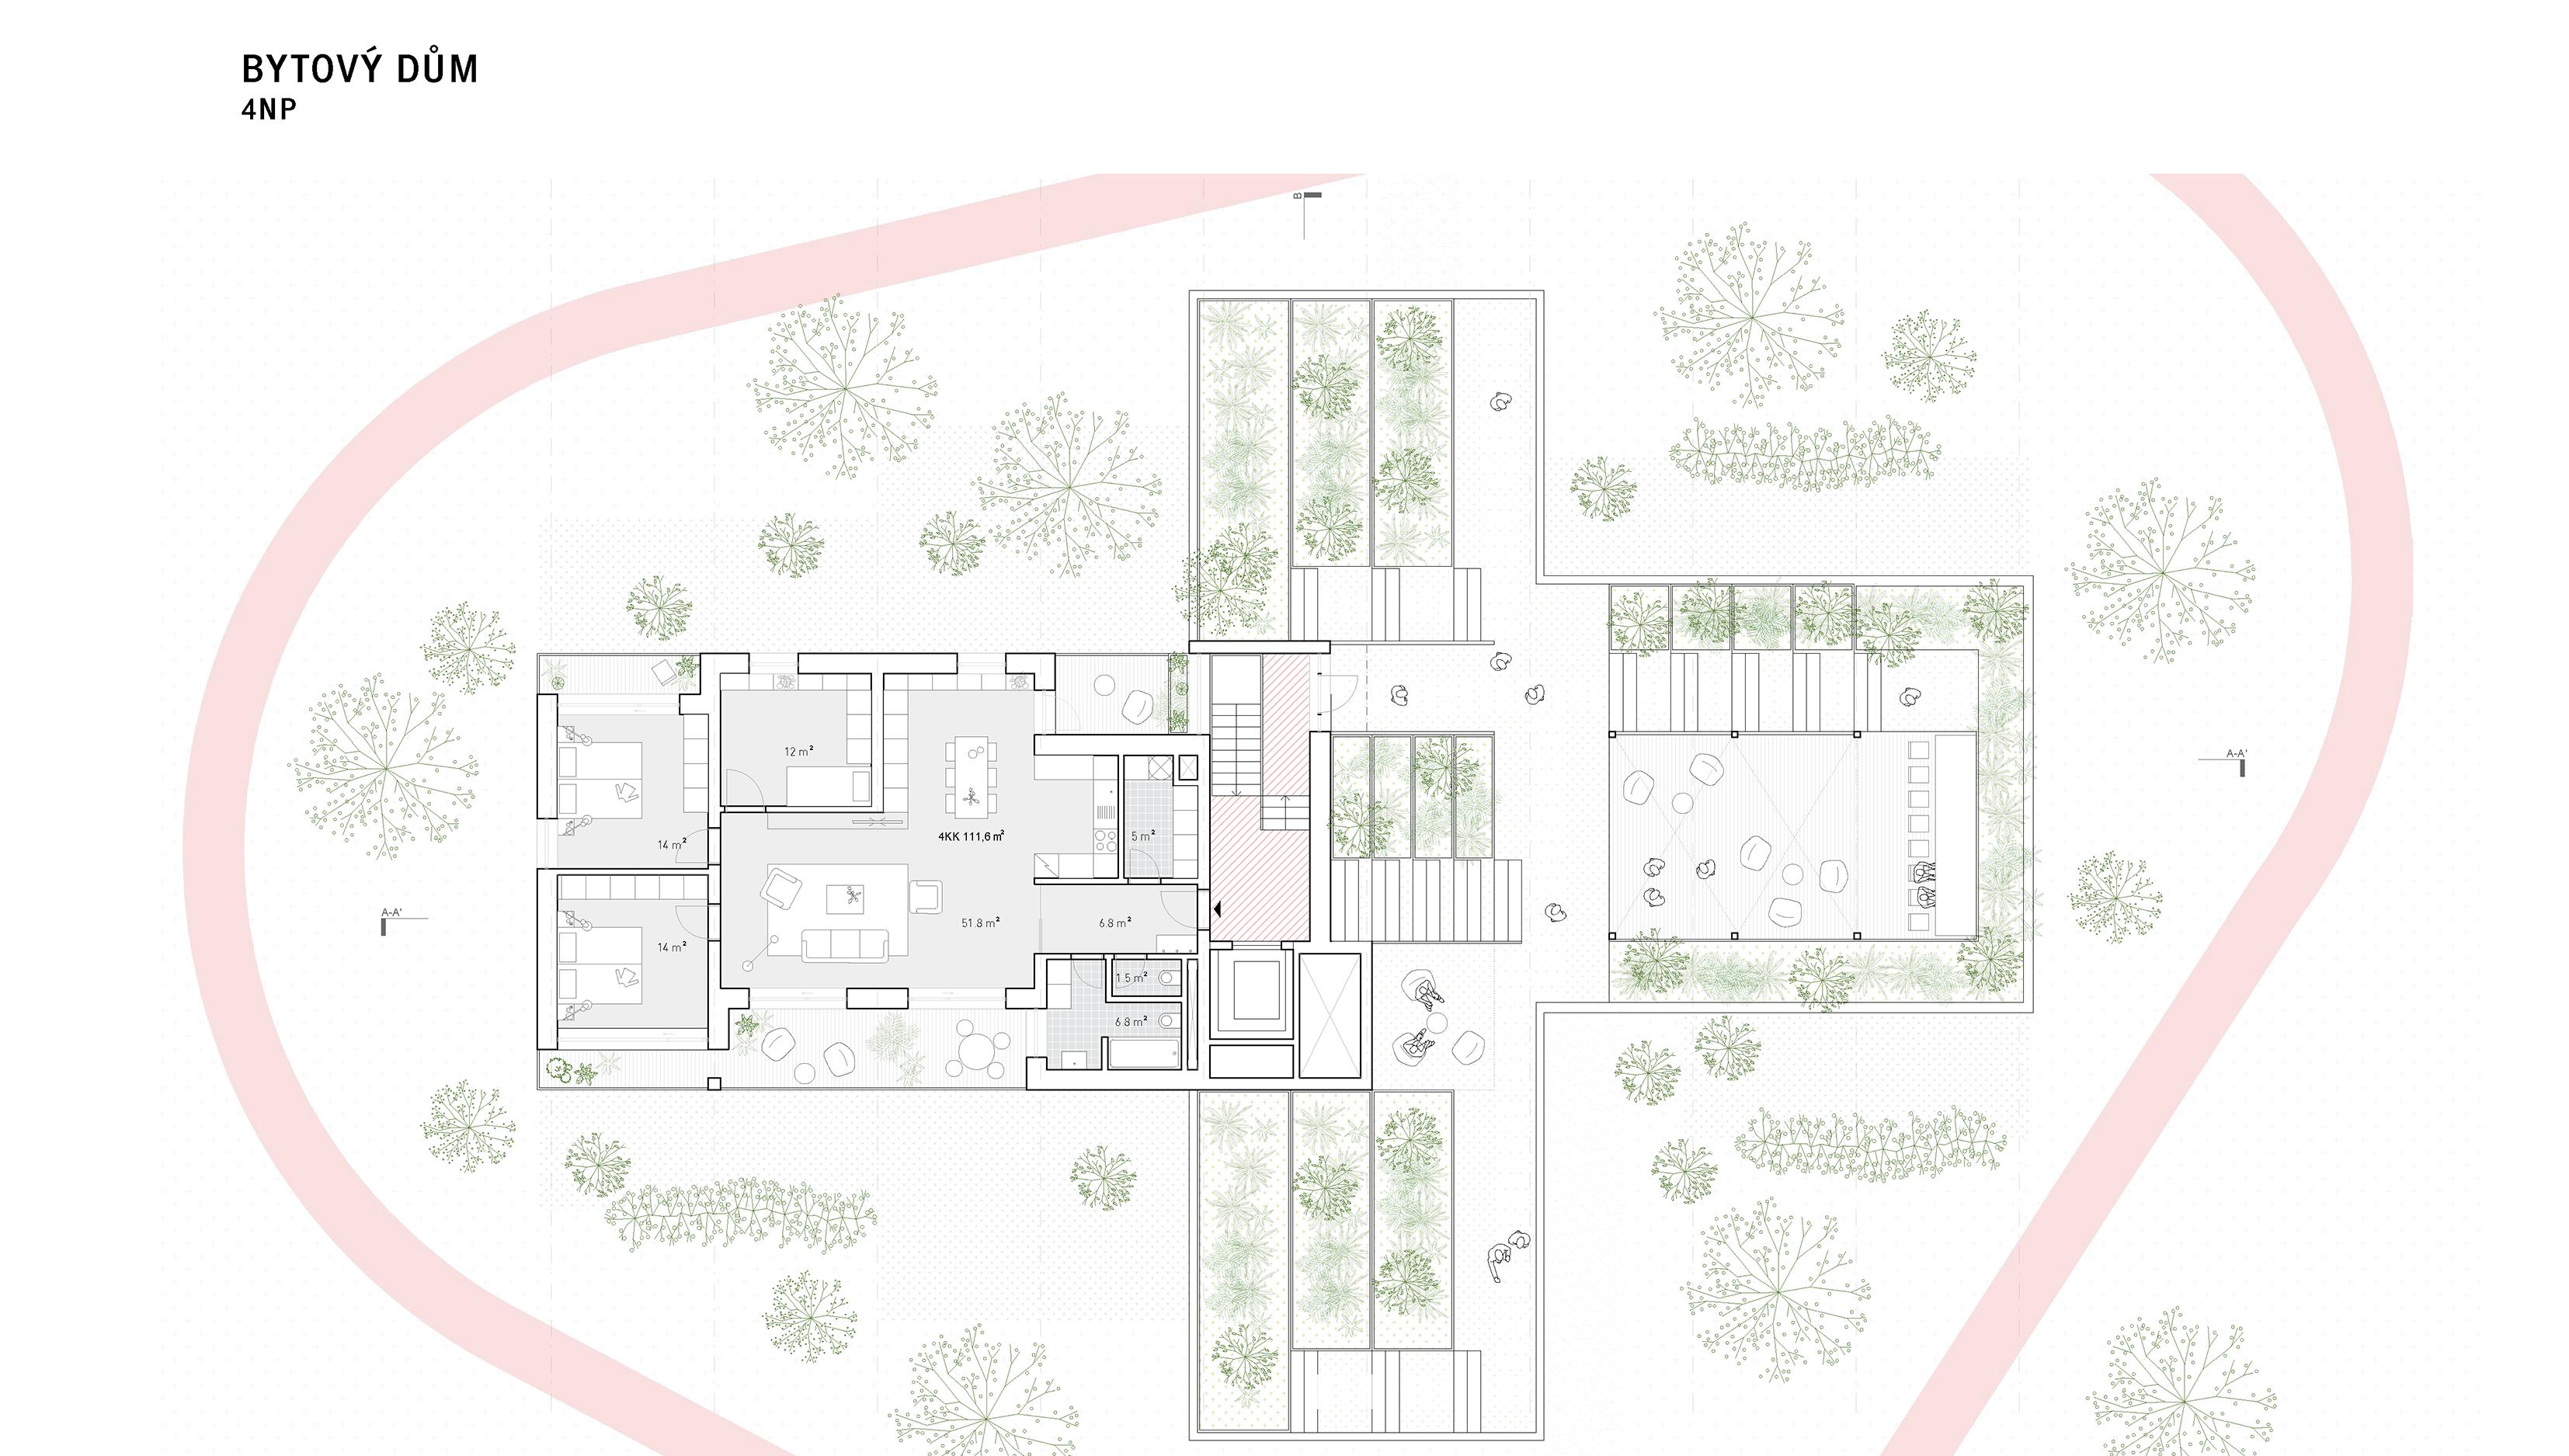 layout_case_0001_200605_Zdrave-domy_chkau_Page_76